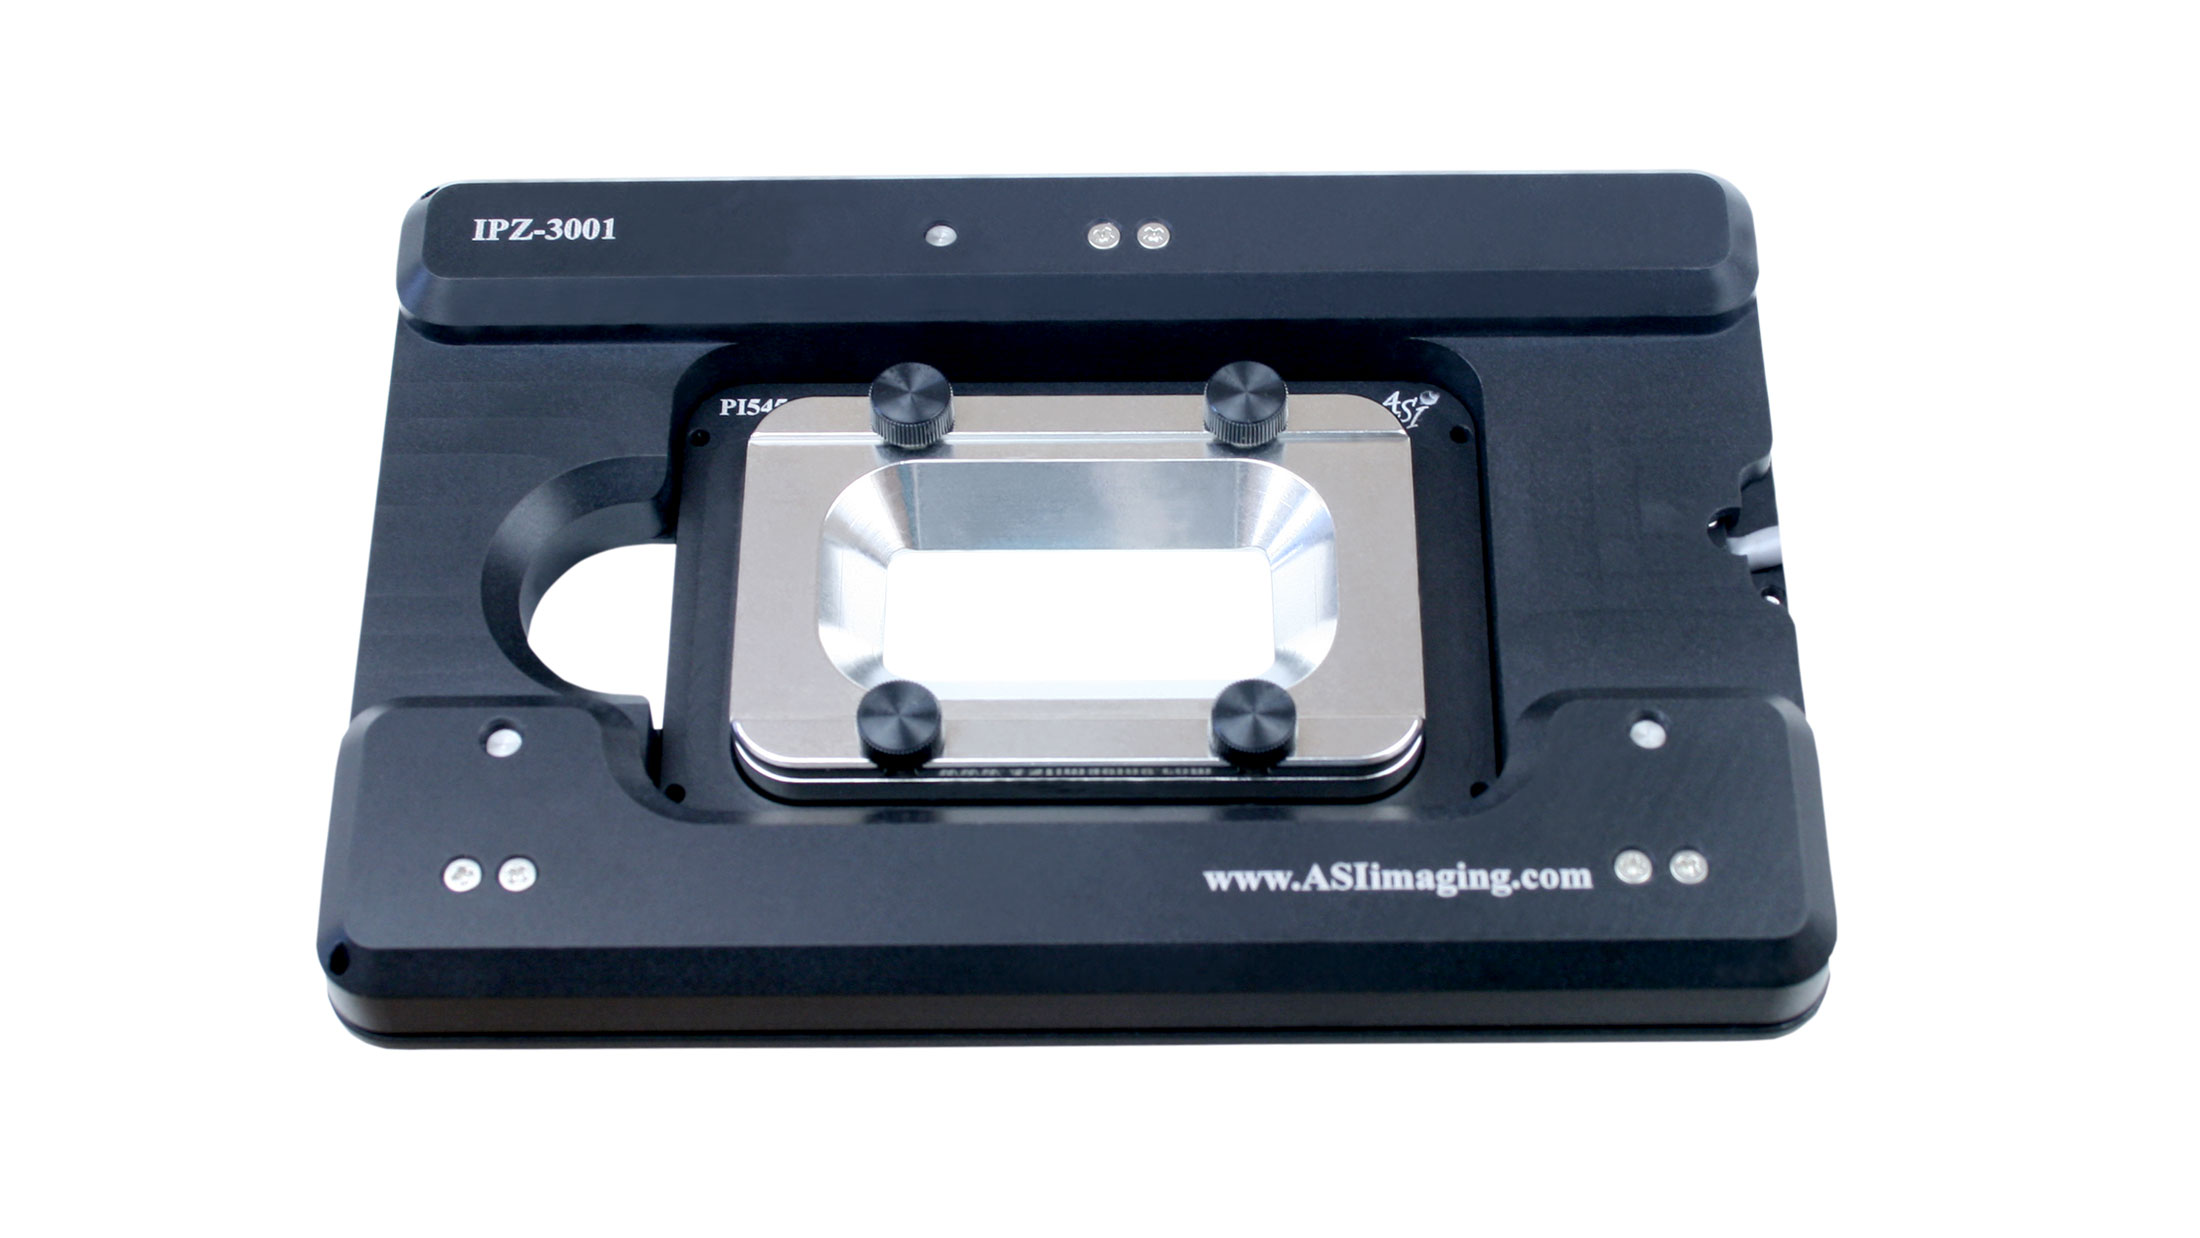 IPZ-3000